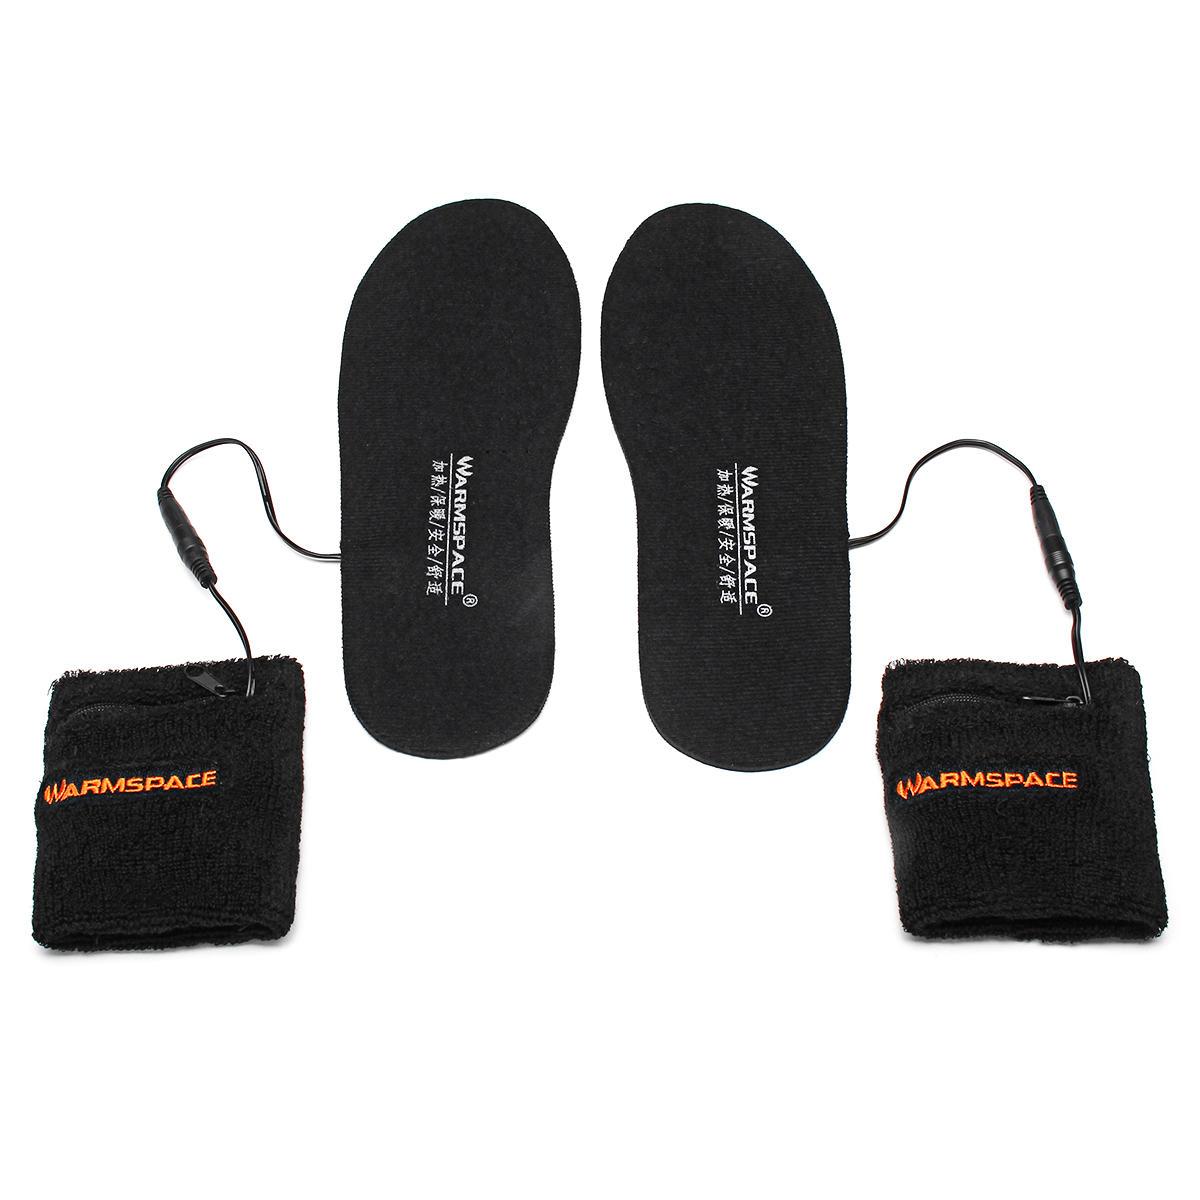 WARMSPACE elektryczna wkładka do butów z podgrzewaną wodą + 2 baterie za 22,99$